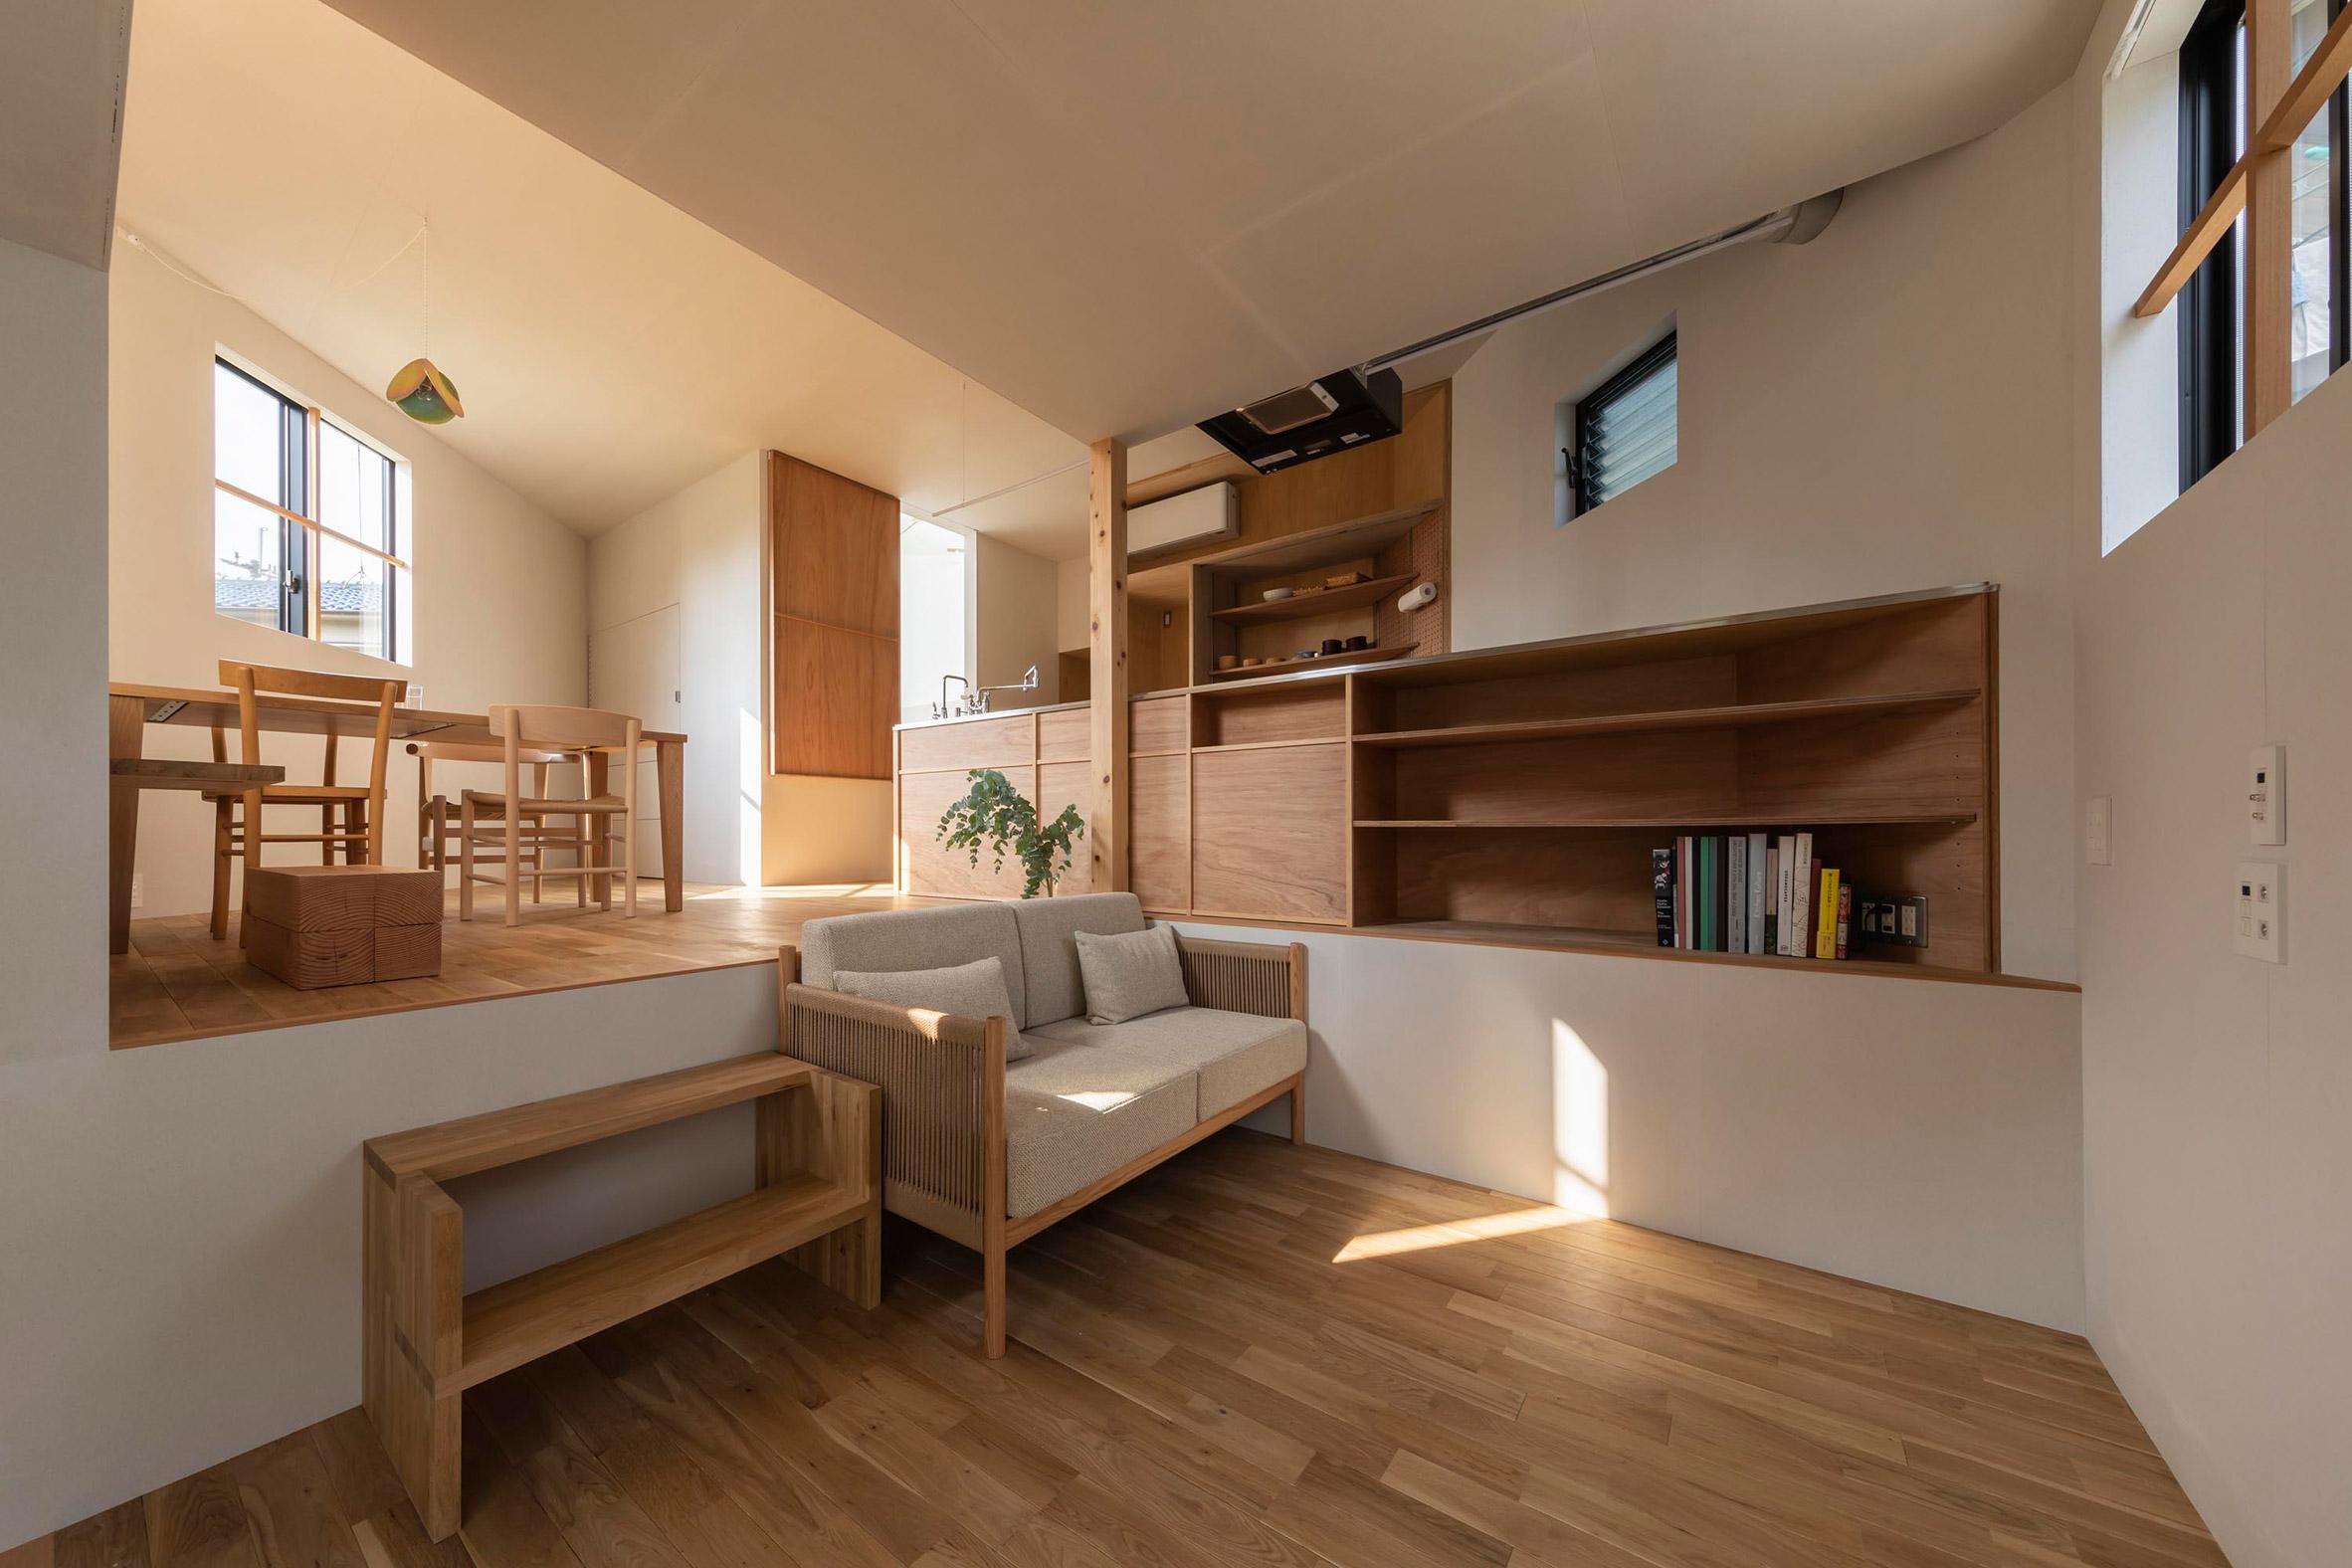 Thiết kế nội thất căn hộ nhỏ 3